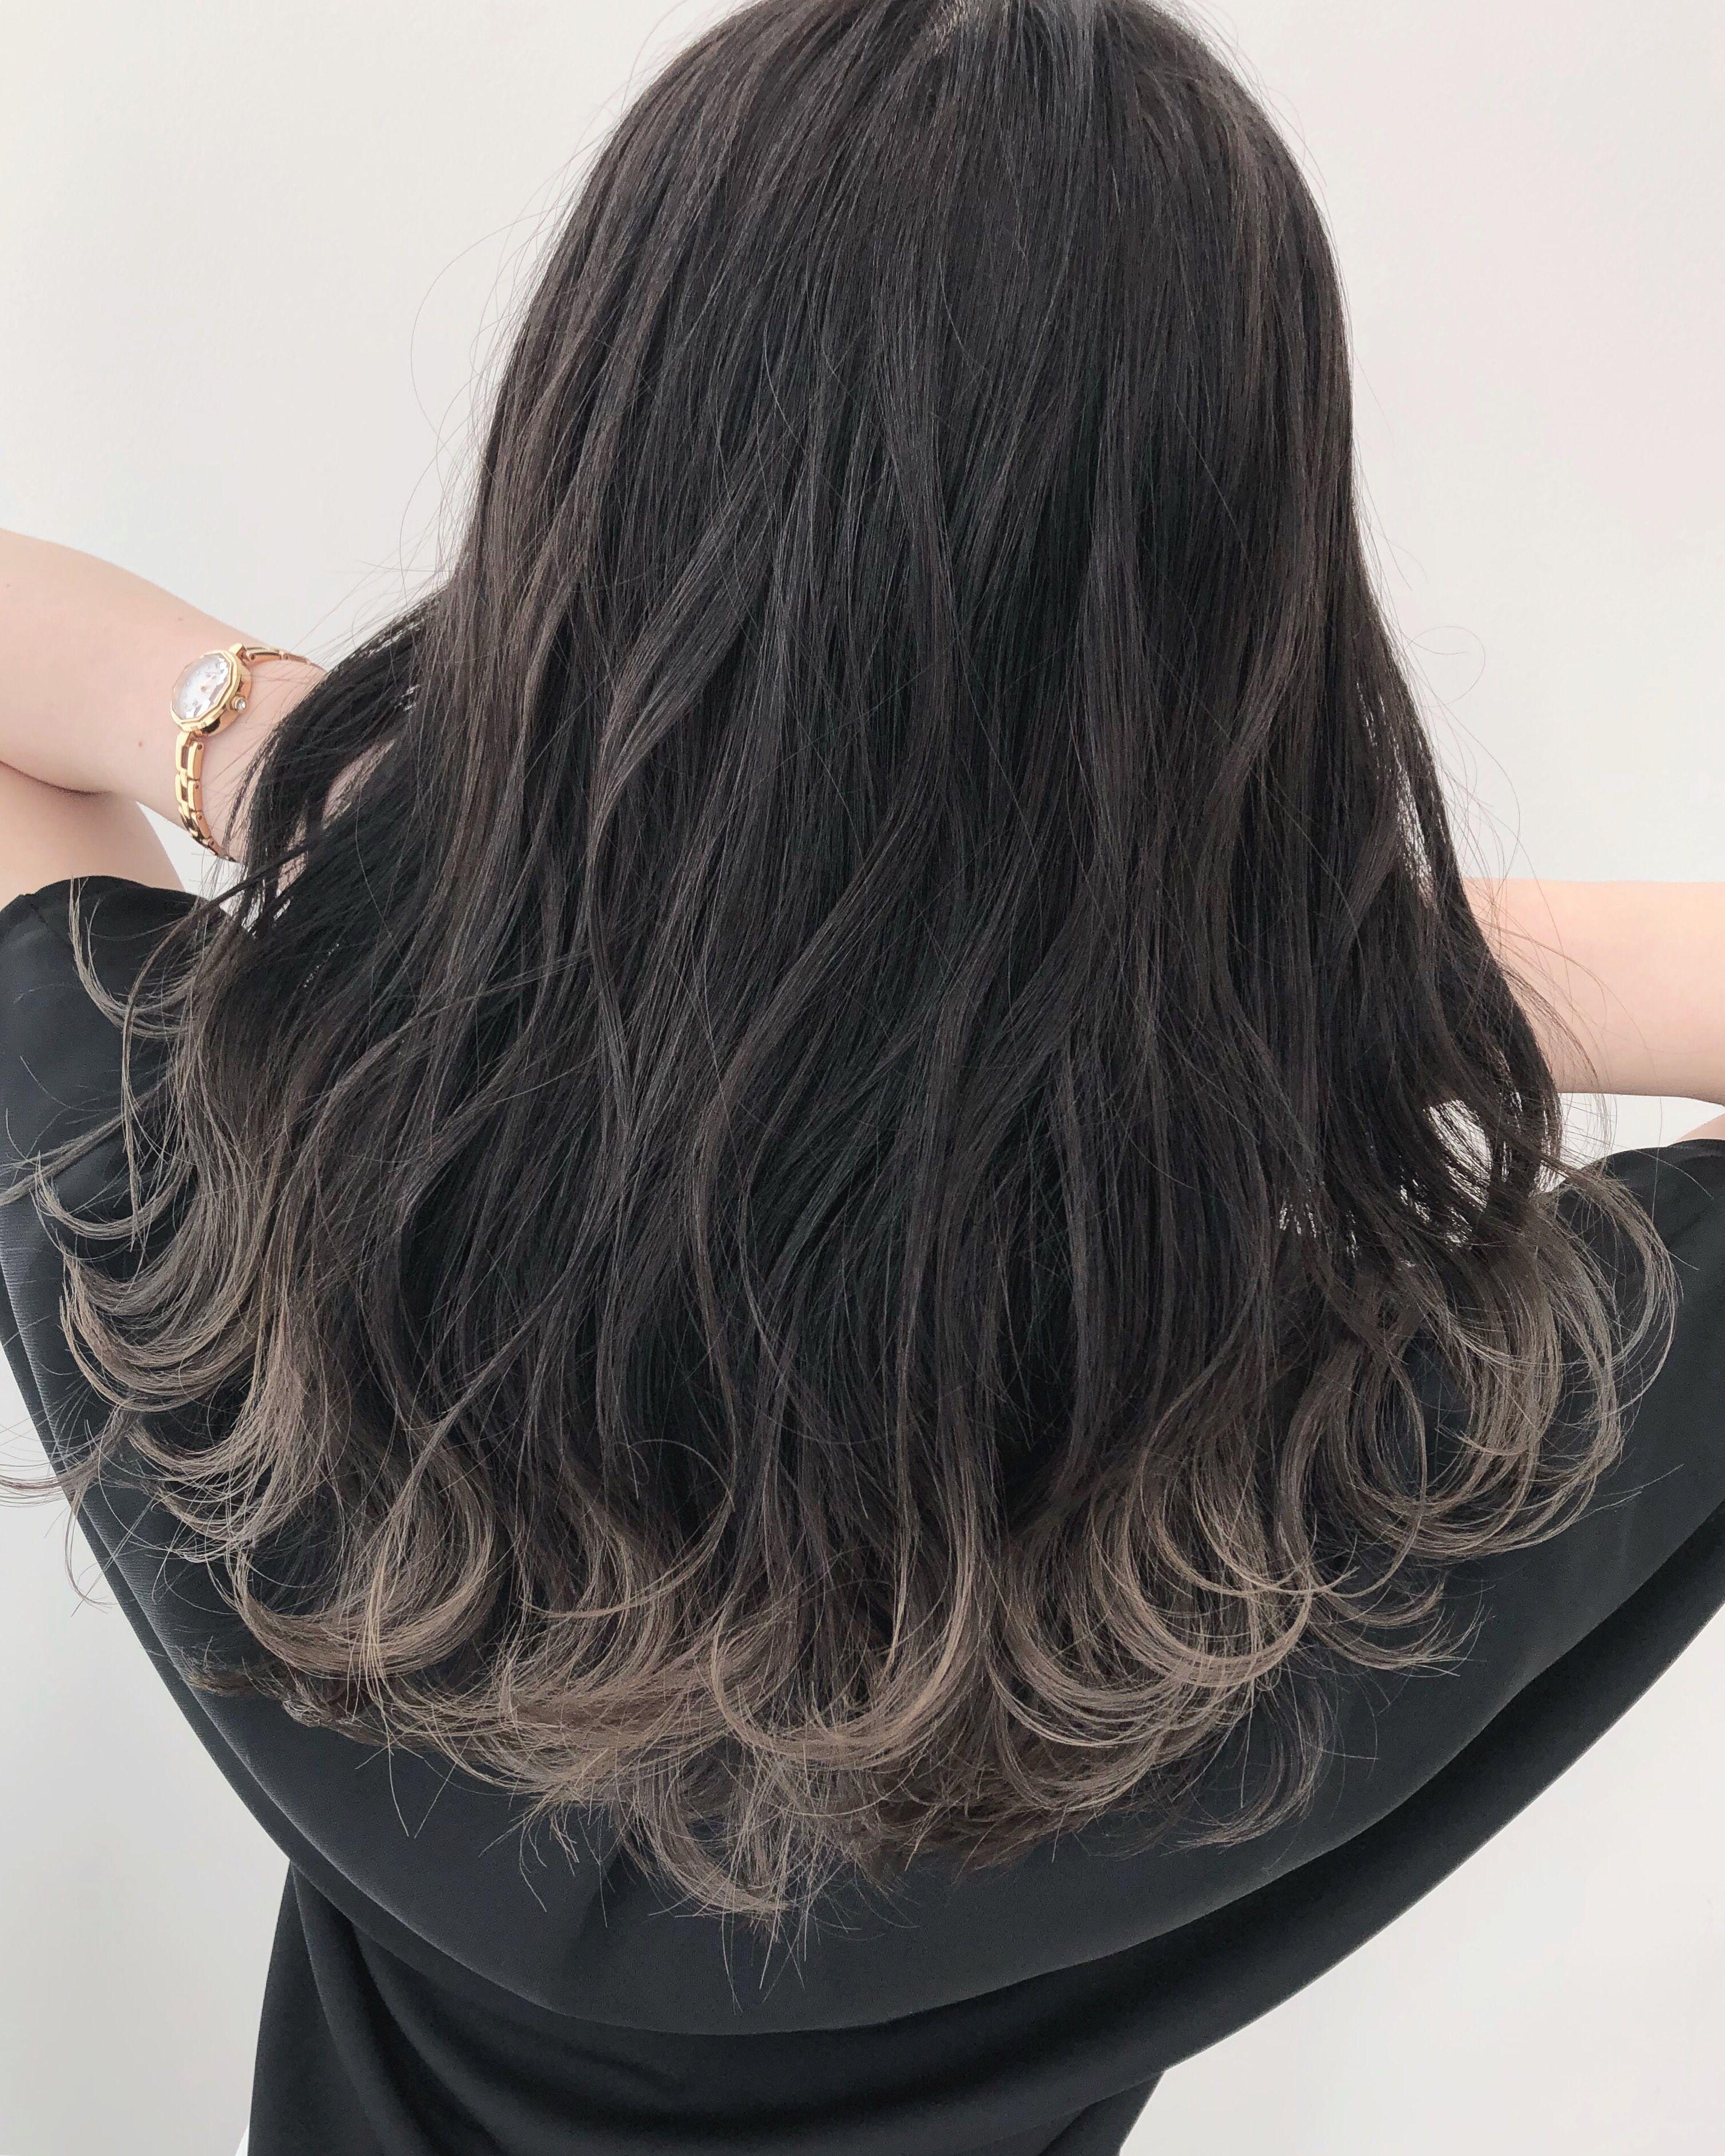 ホワイトグレージュグラデーション 髪色 暗め 髪 グラデーション